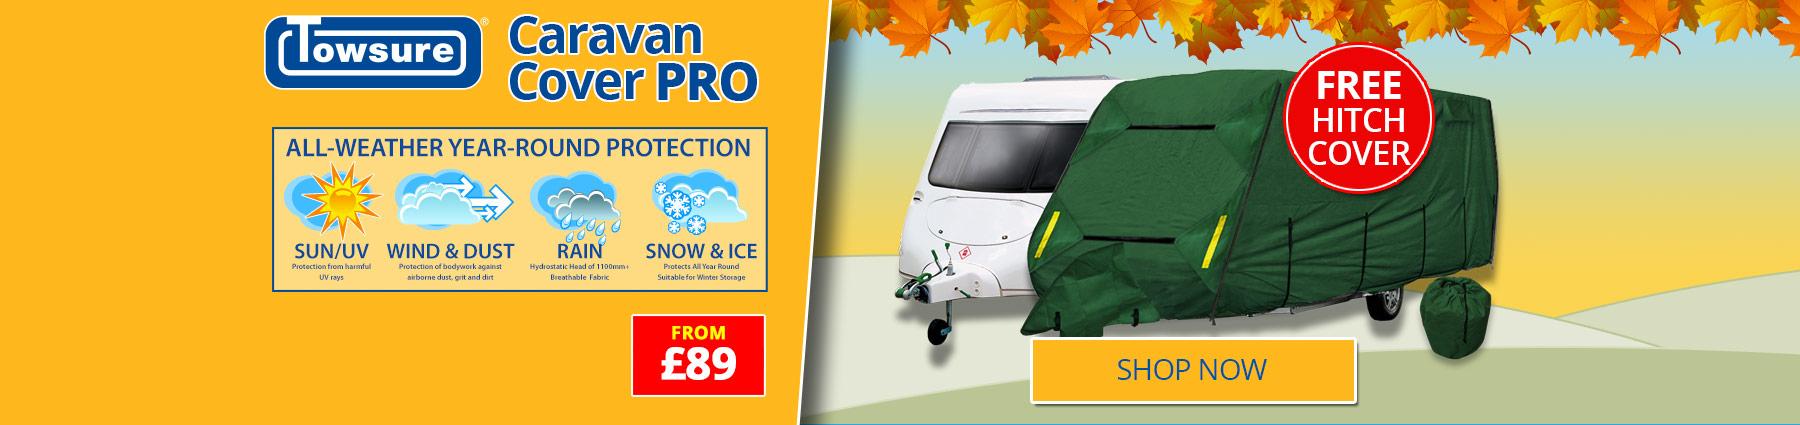 Towsure Caravan Covers